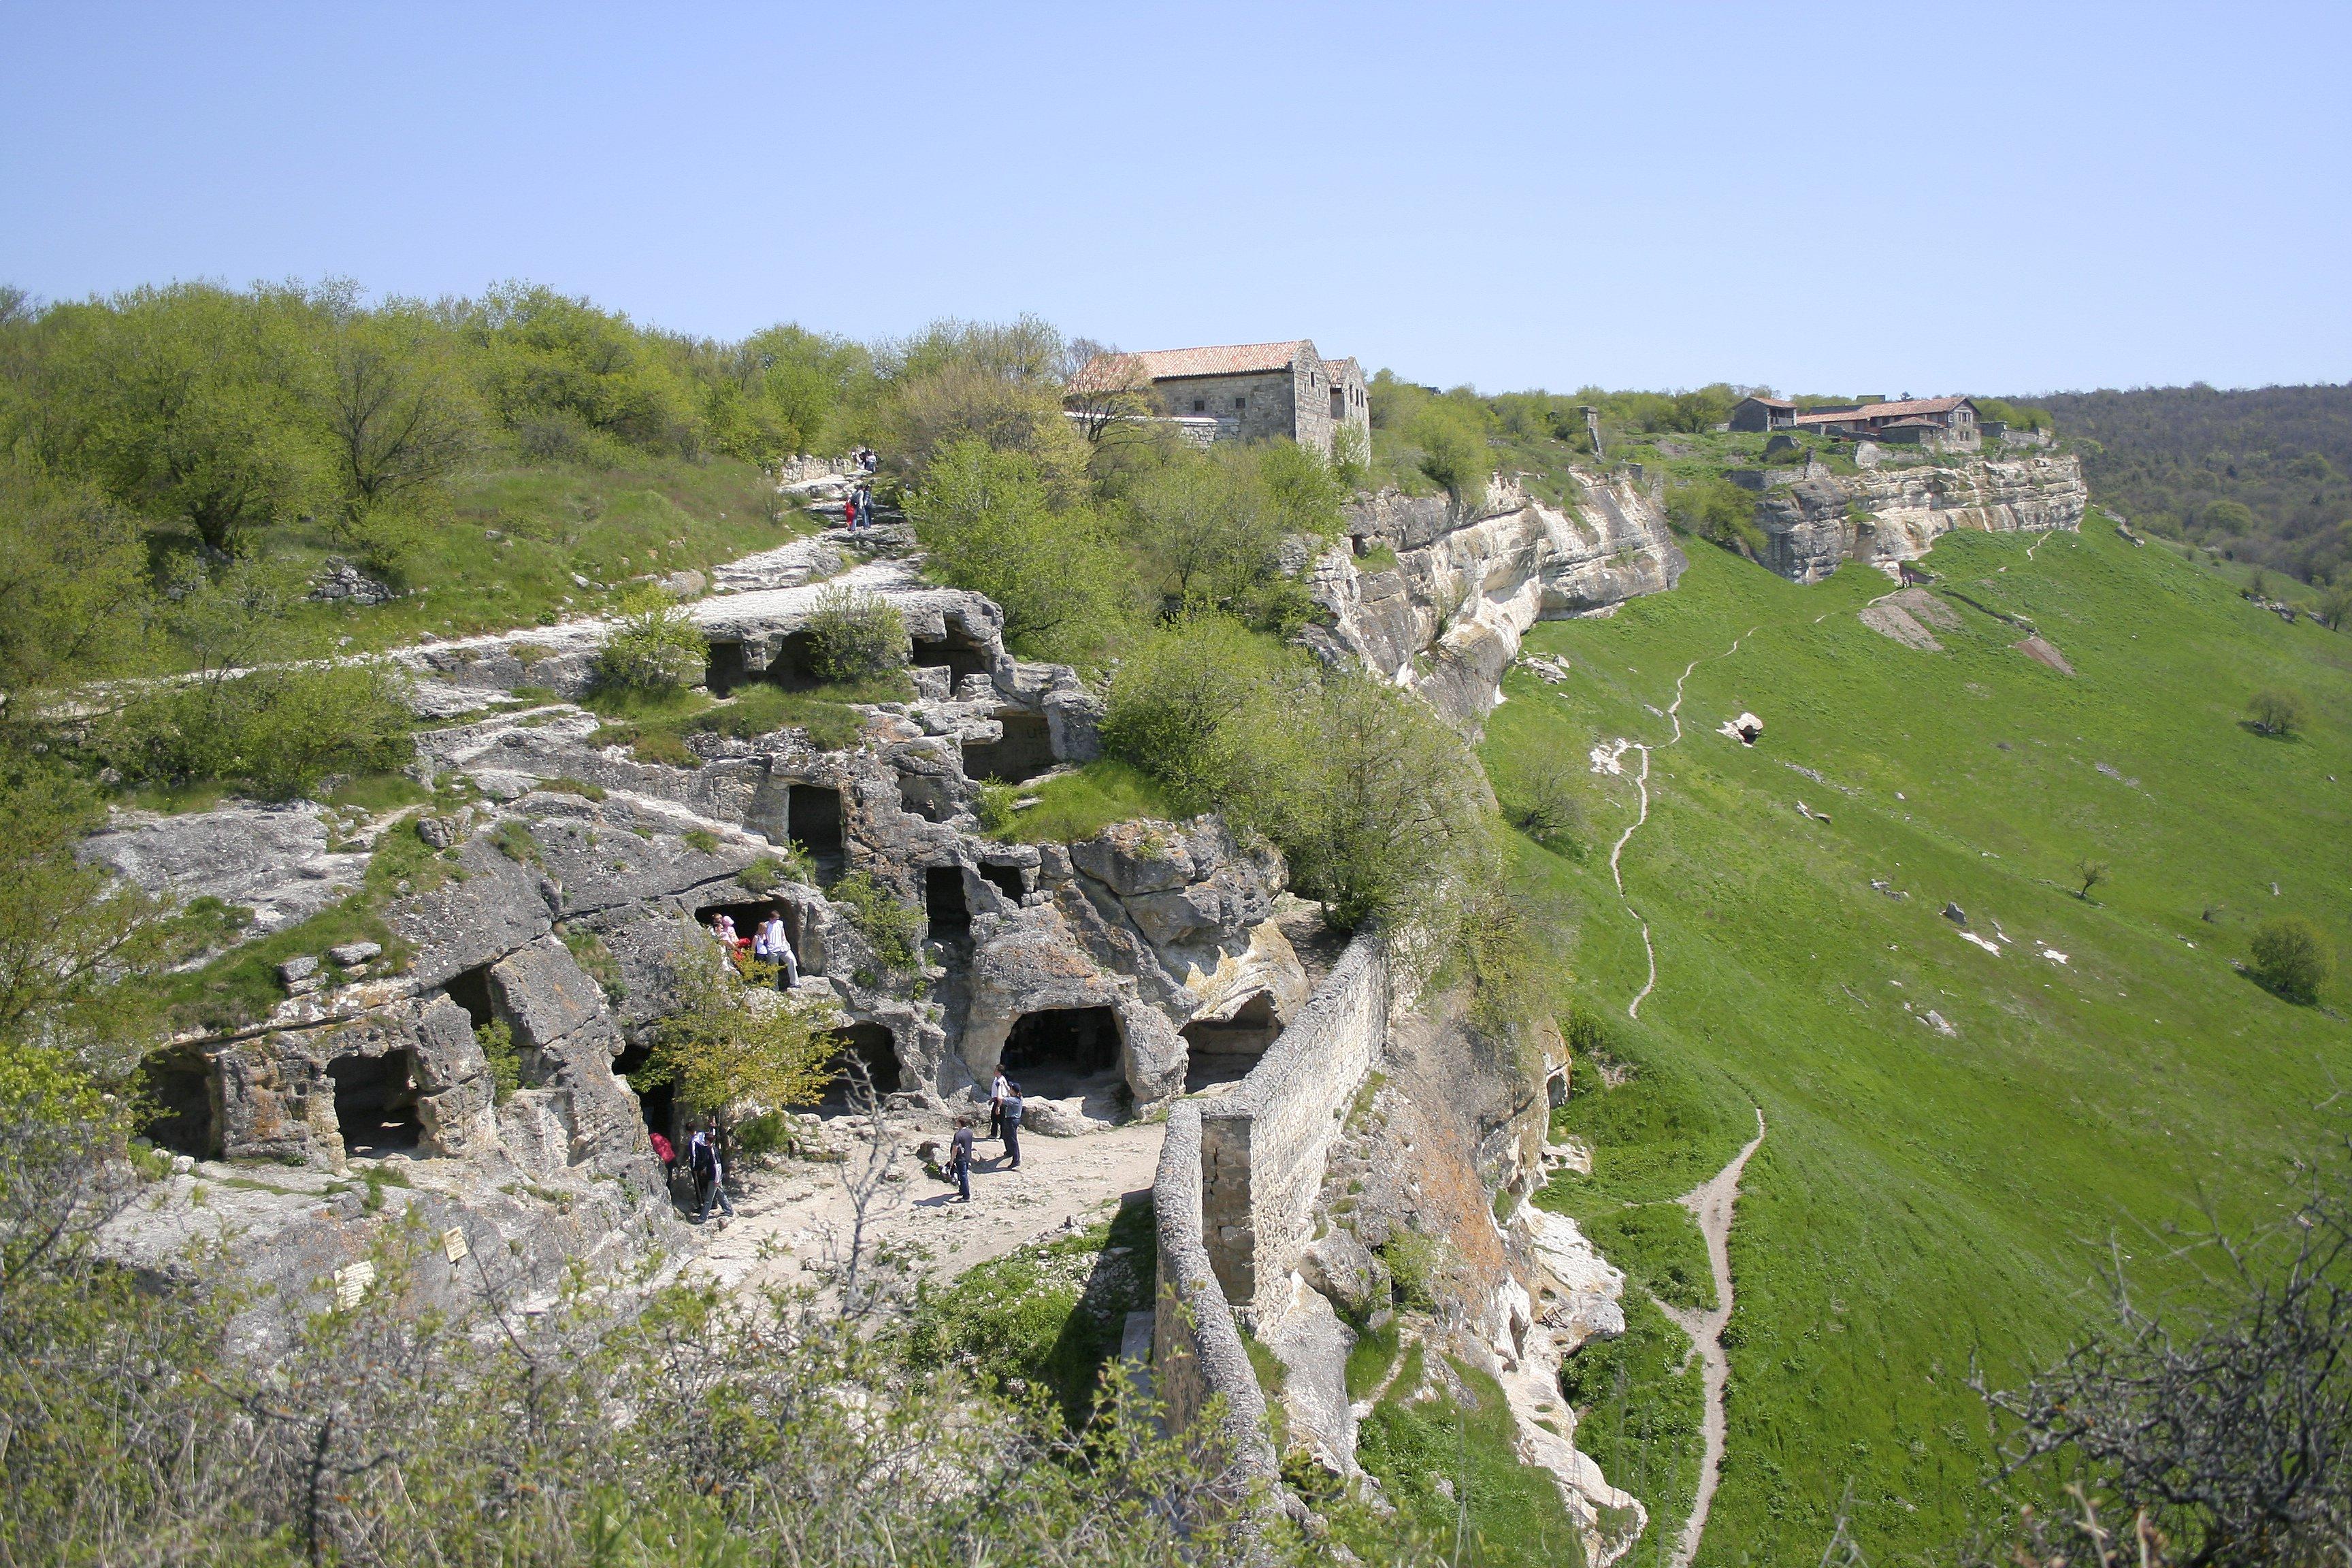 alexbelykh.ru, Крым, Чуфут-Кале, пещерный город Чуфут-Кале, пещерный город Бахчисарай